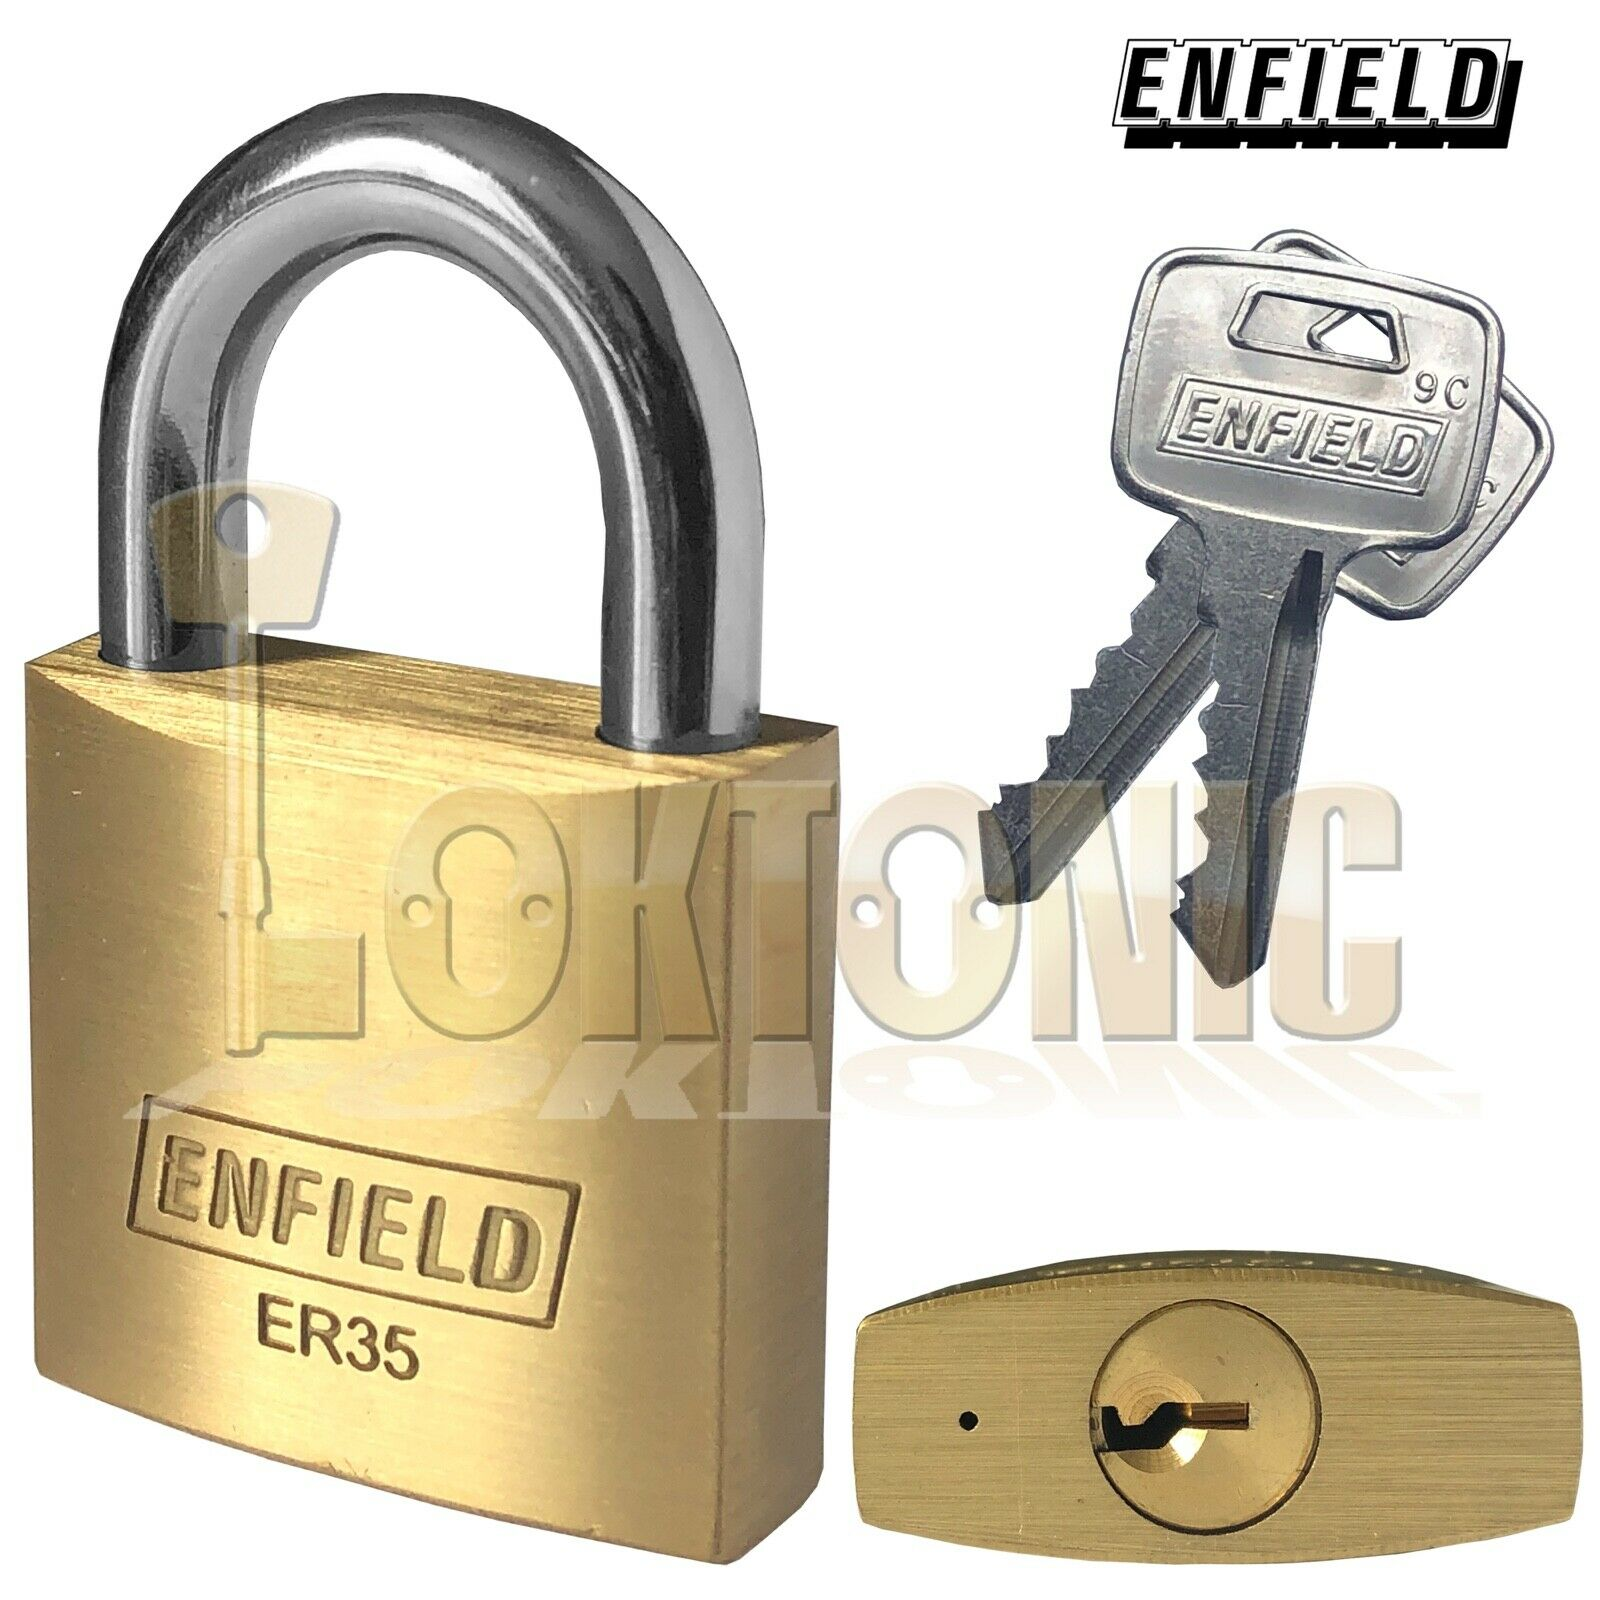 Enfield ER35 Security 35mm Solid Brass Padlock Keyed Alike Hardened Shackle